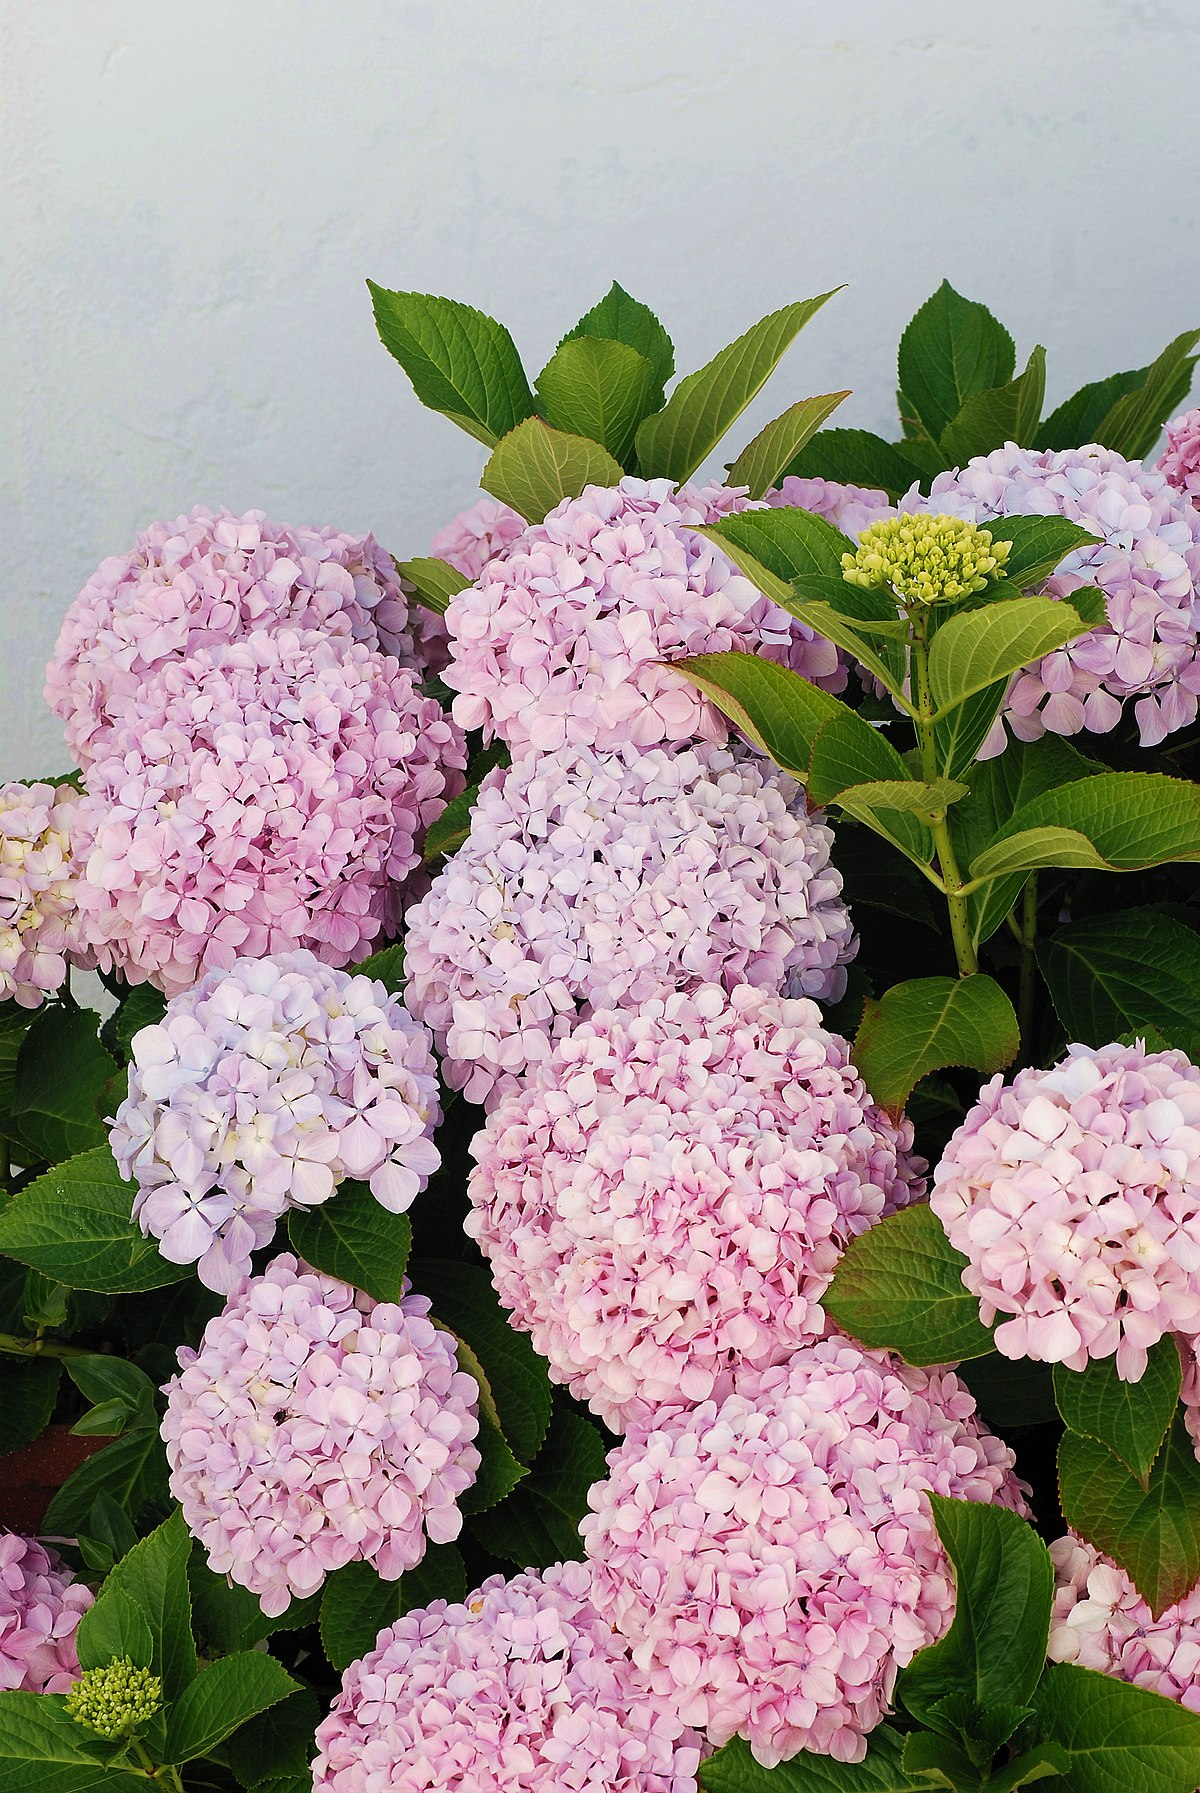 Hydrangea macrophylla wikip dia a enciclop dia livre for Hortensias cultivo y cuidados